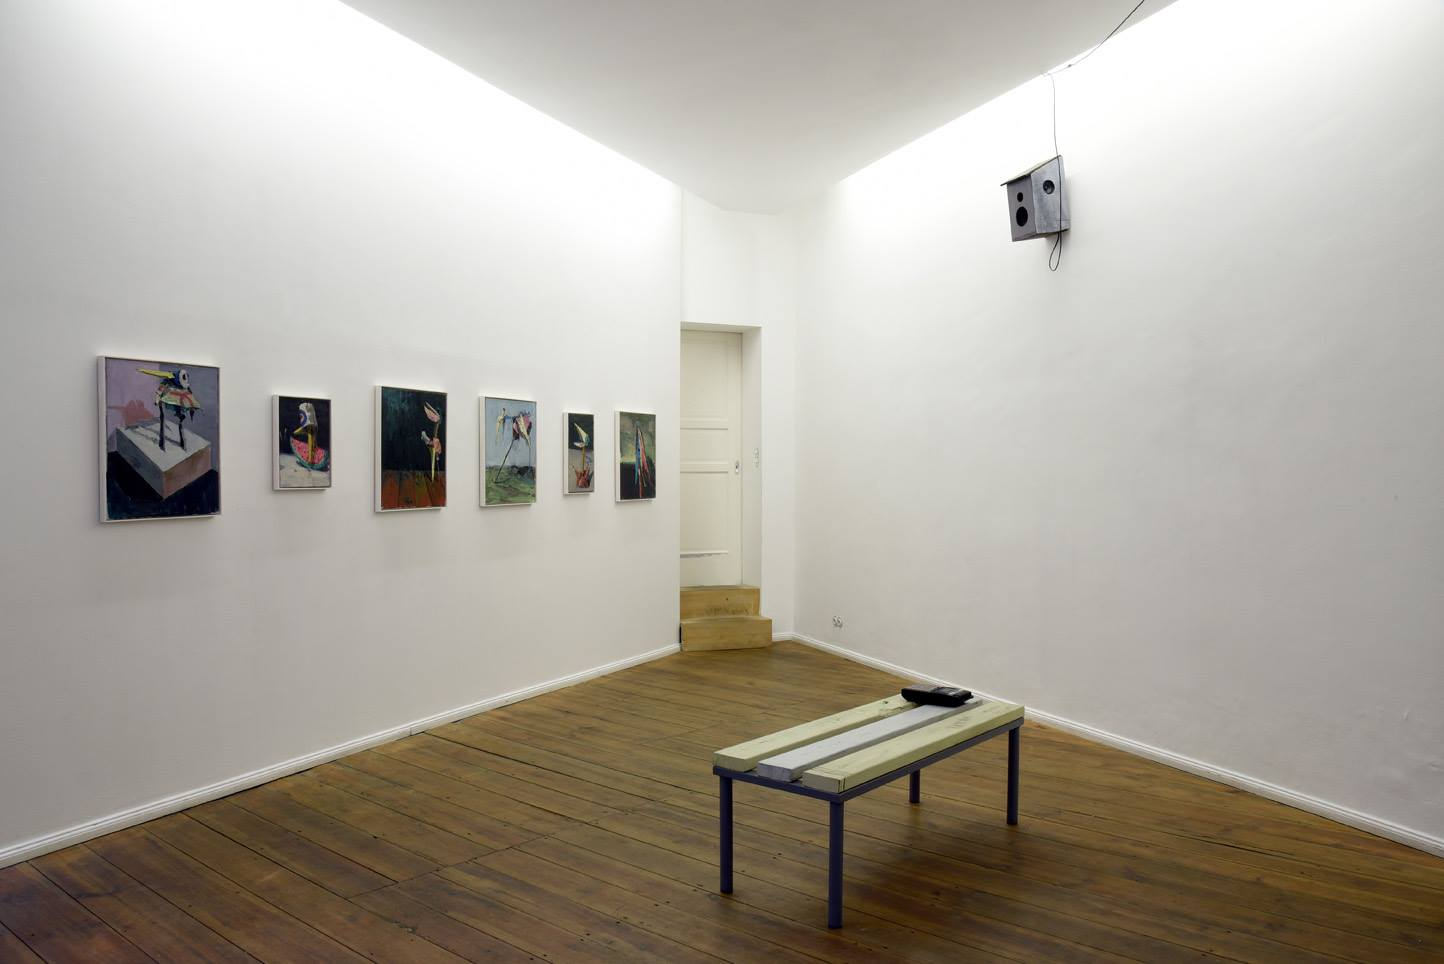 Fritz Bornstück, Vogelhaus Jazz III, 2016, installation view at Grimmuseum (1)